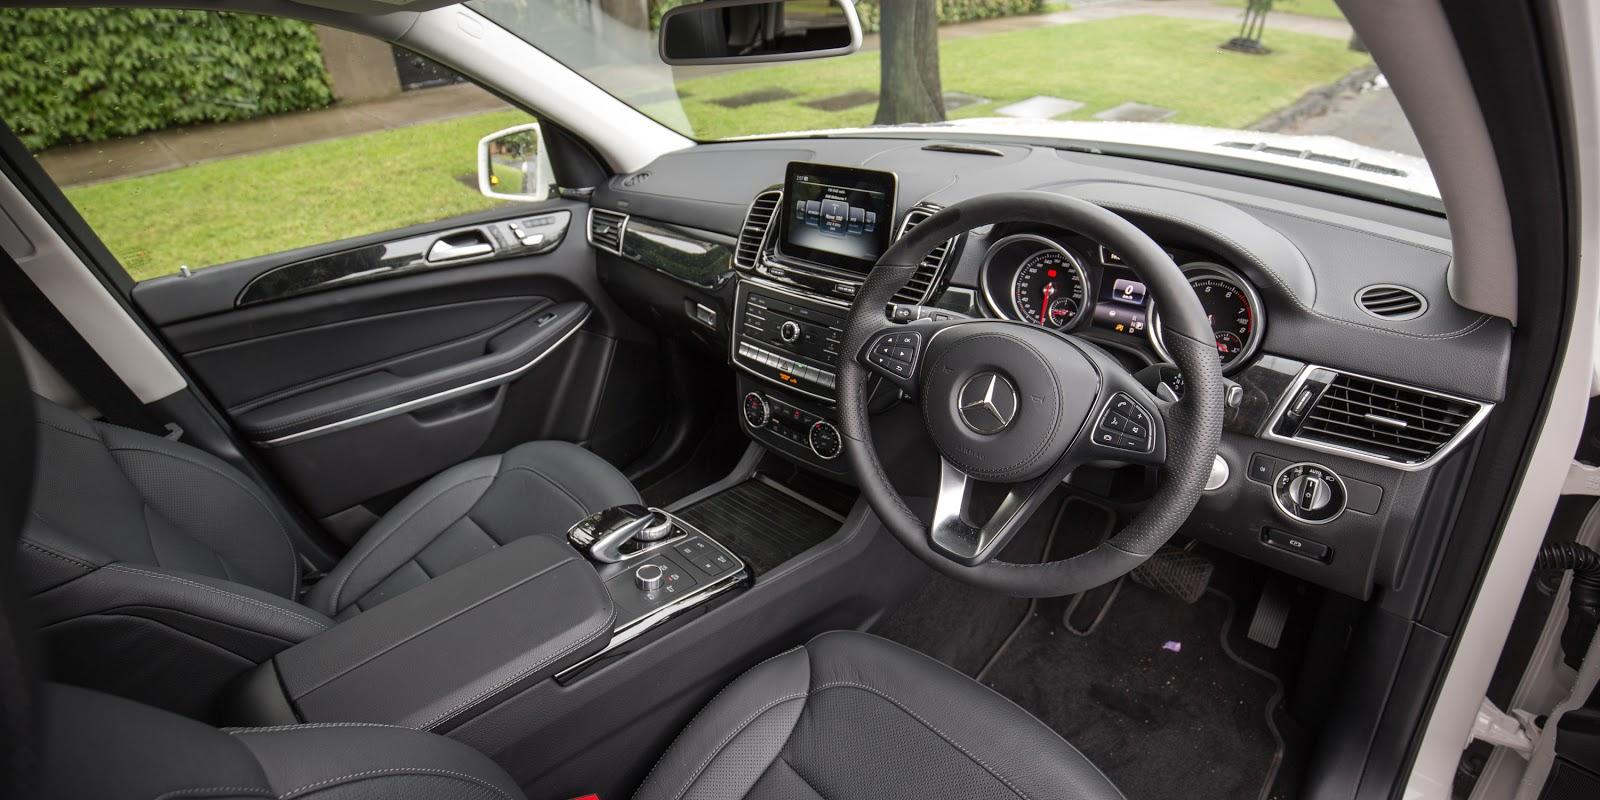 Khoang lái của xe sang trọng, thể thể thao, chắc chắn với nhiều tính năng cực thông minh